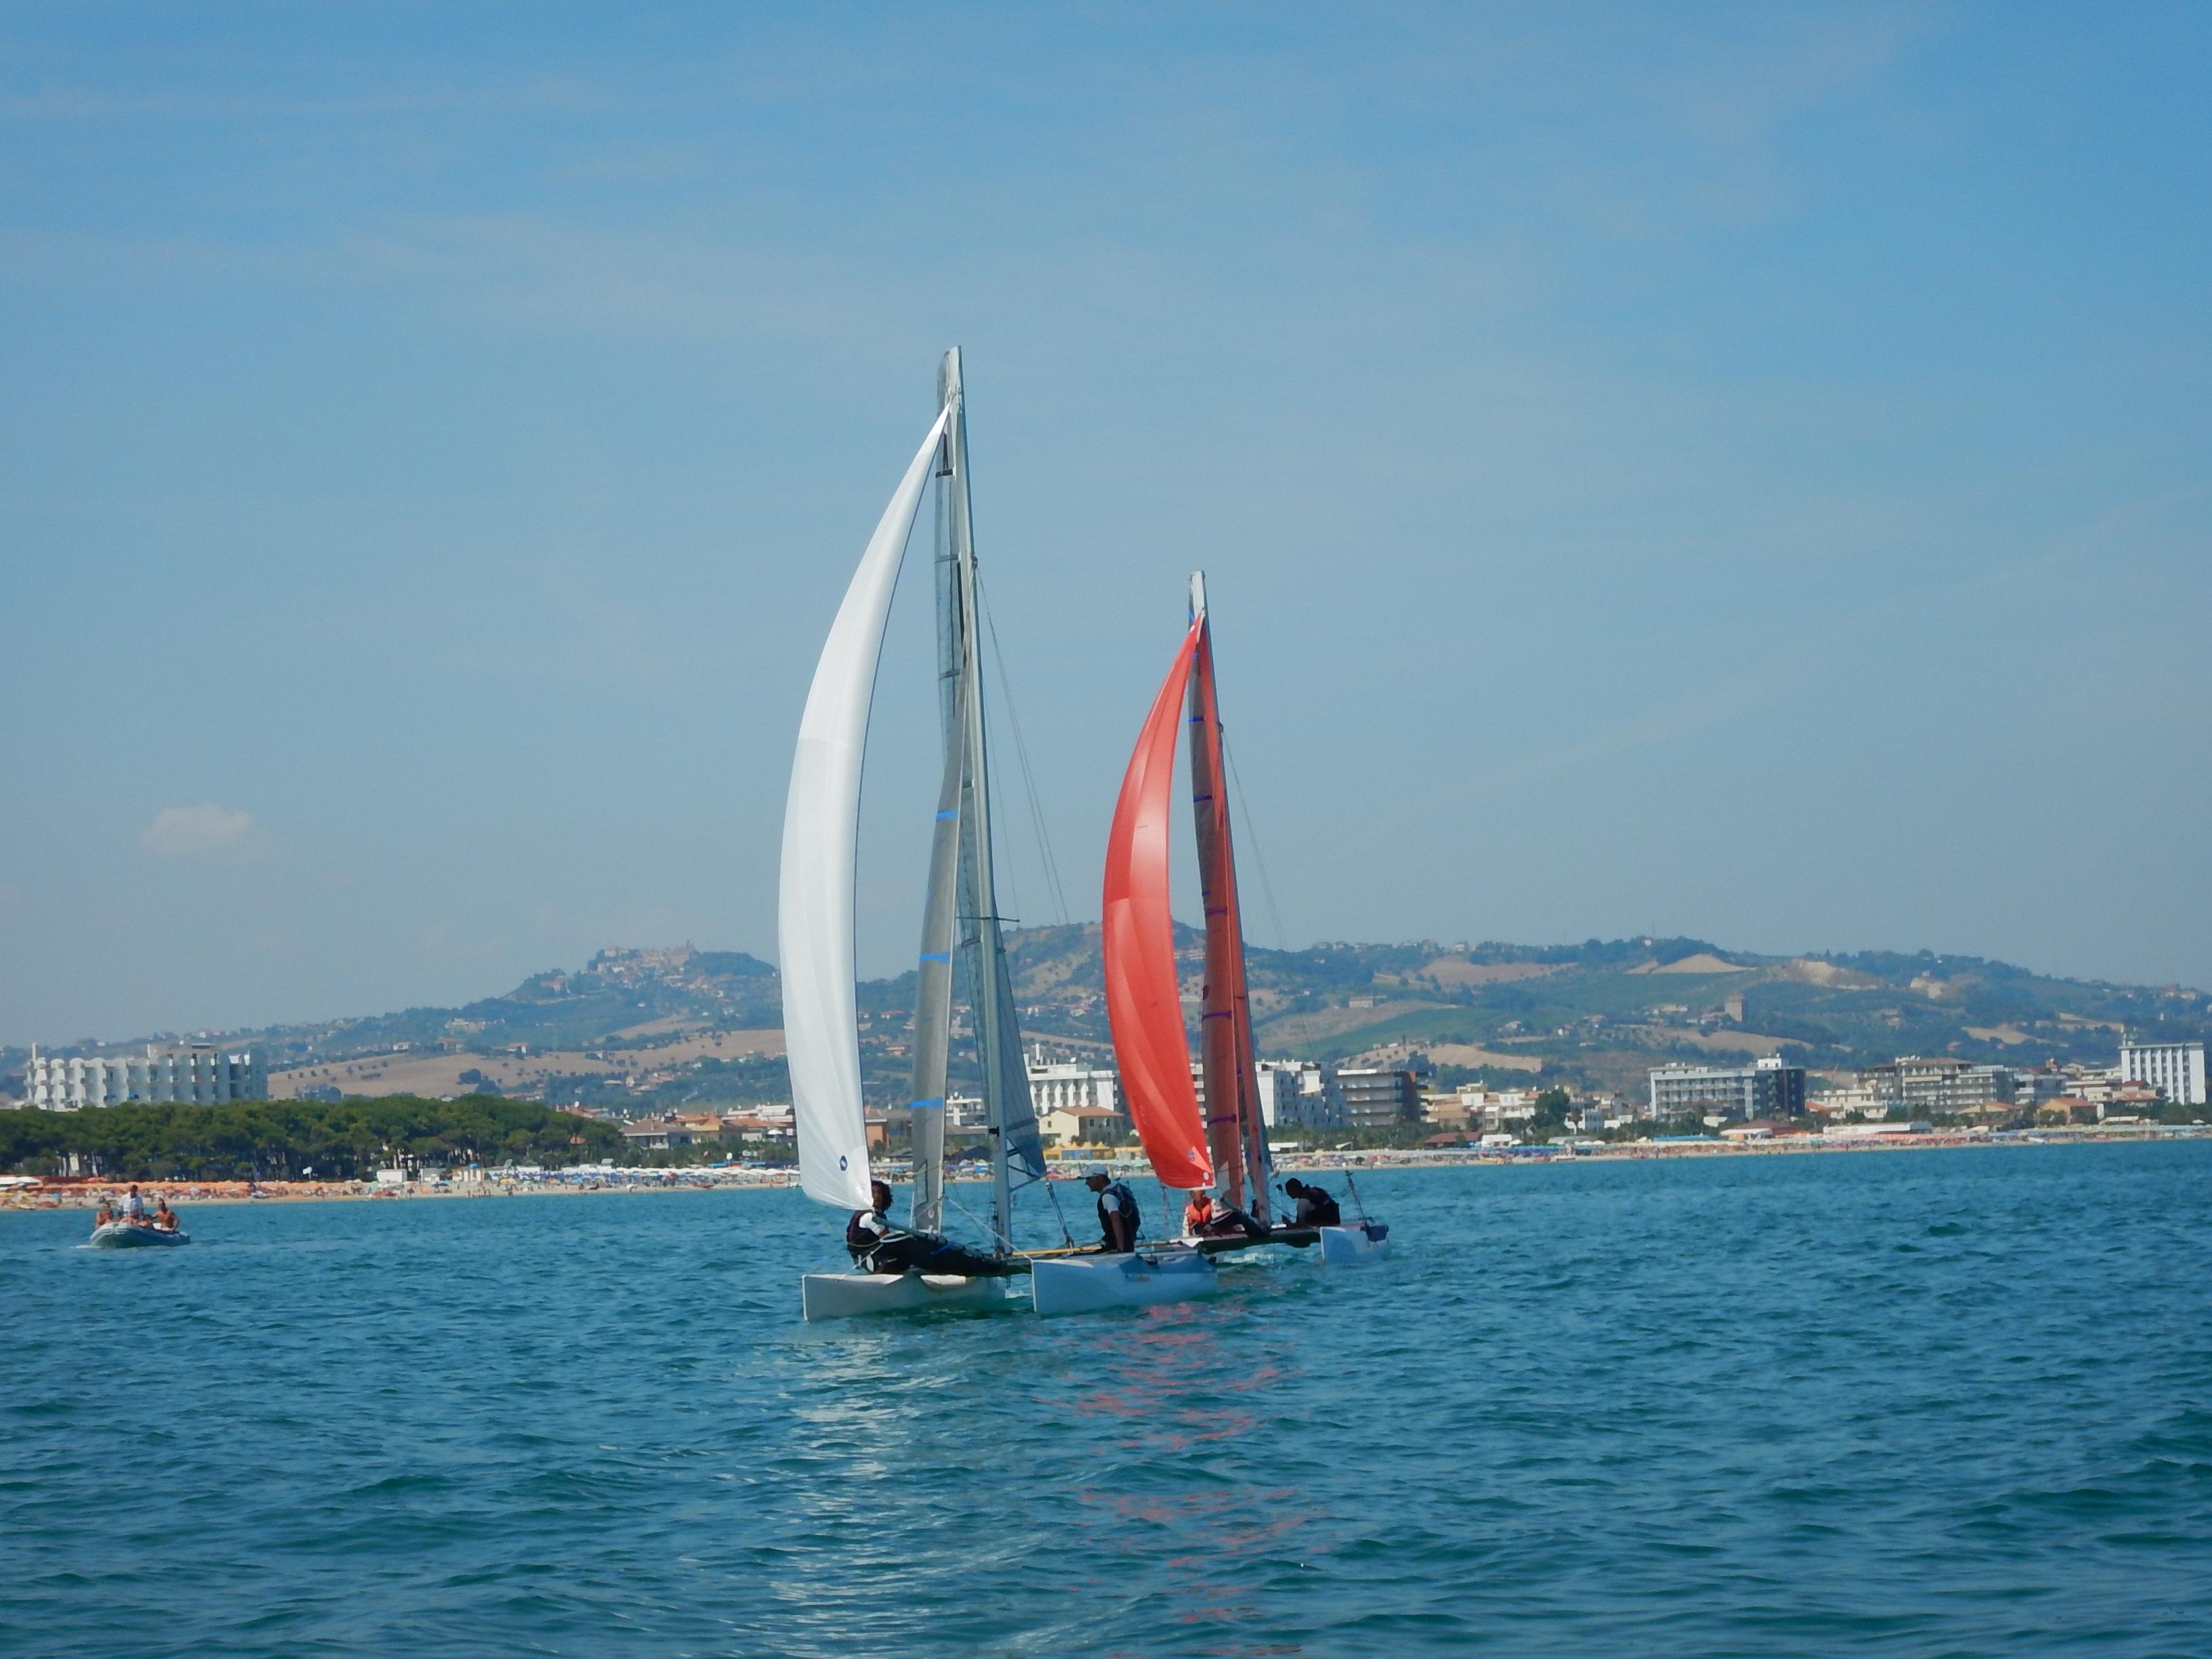 Images gratuites v hicule m t baie italie voilier - Photo de voilier gratuite ...